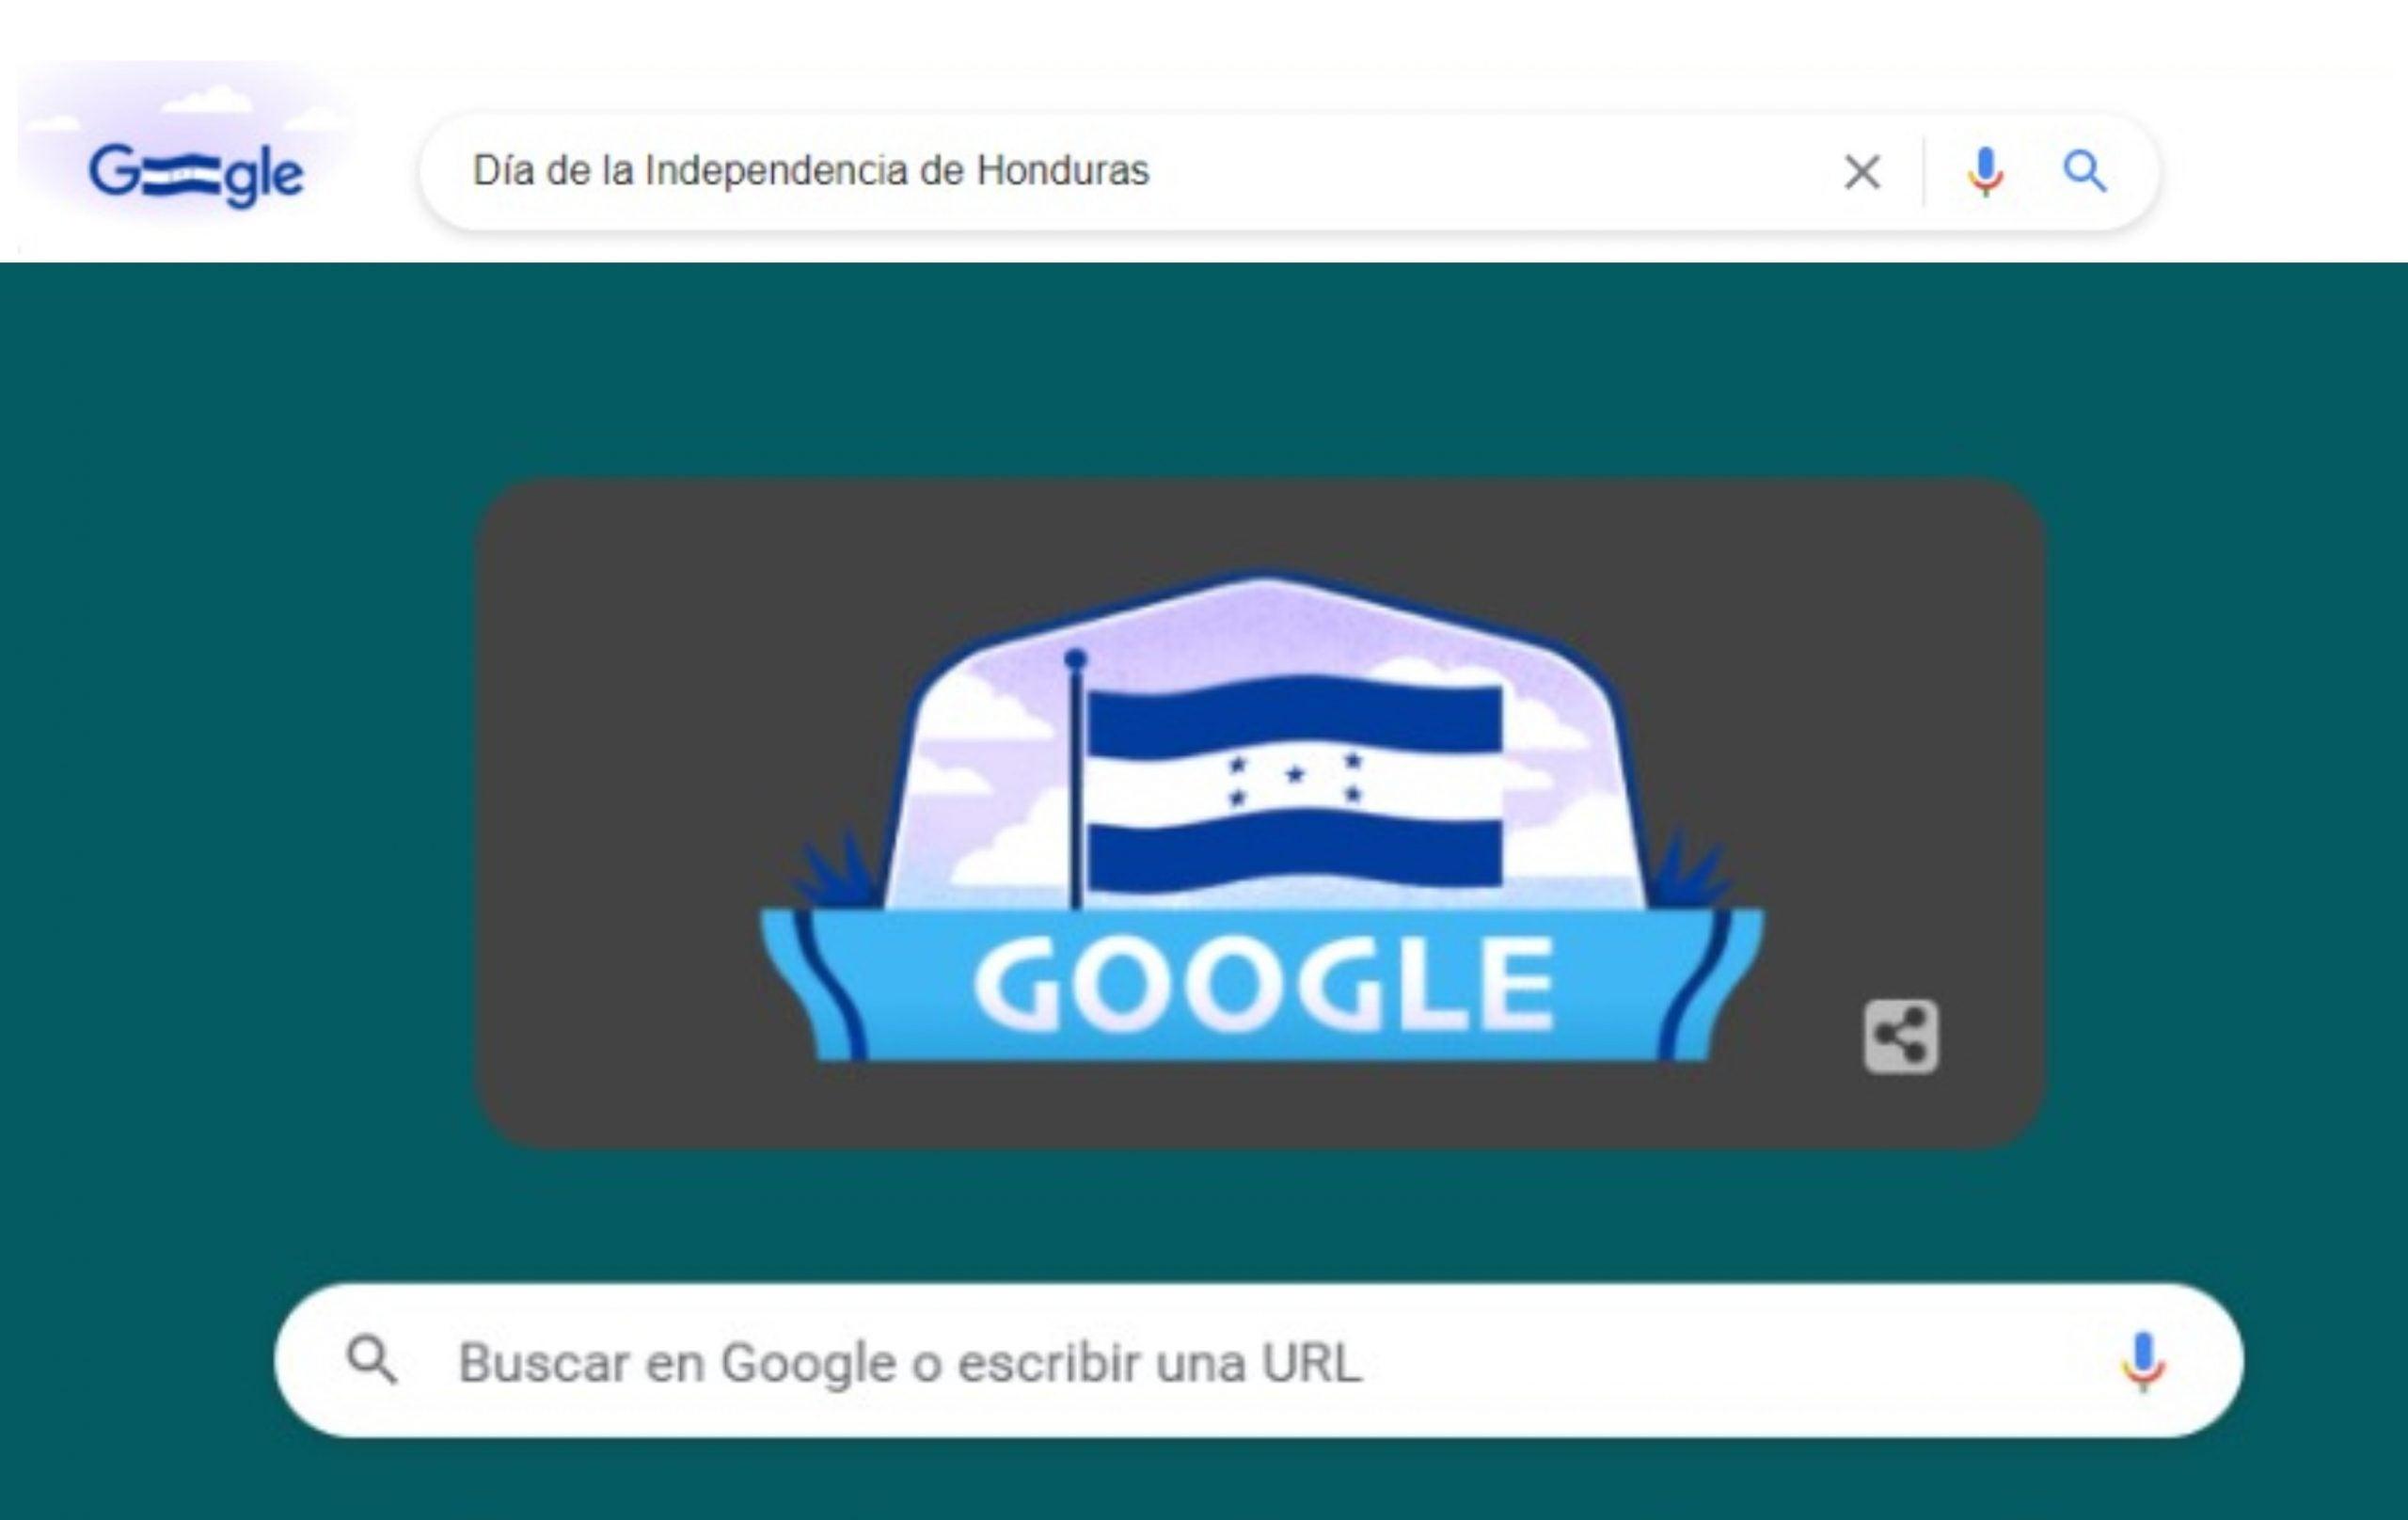 Google Bicentenario de Honduras